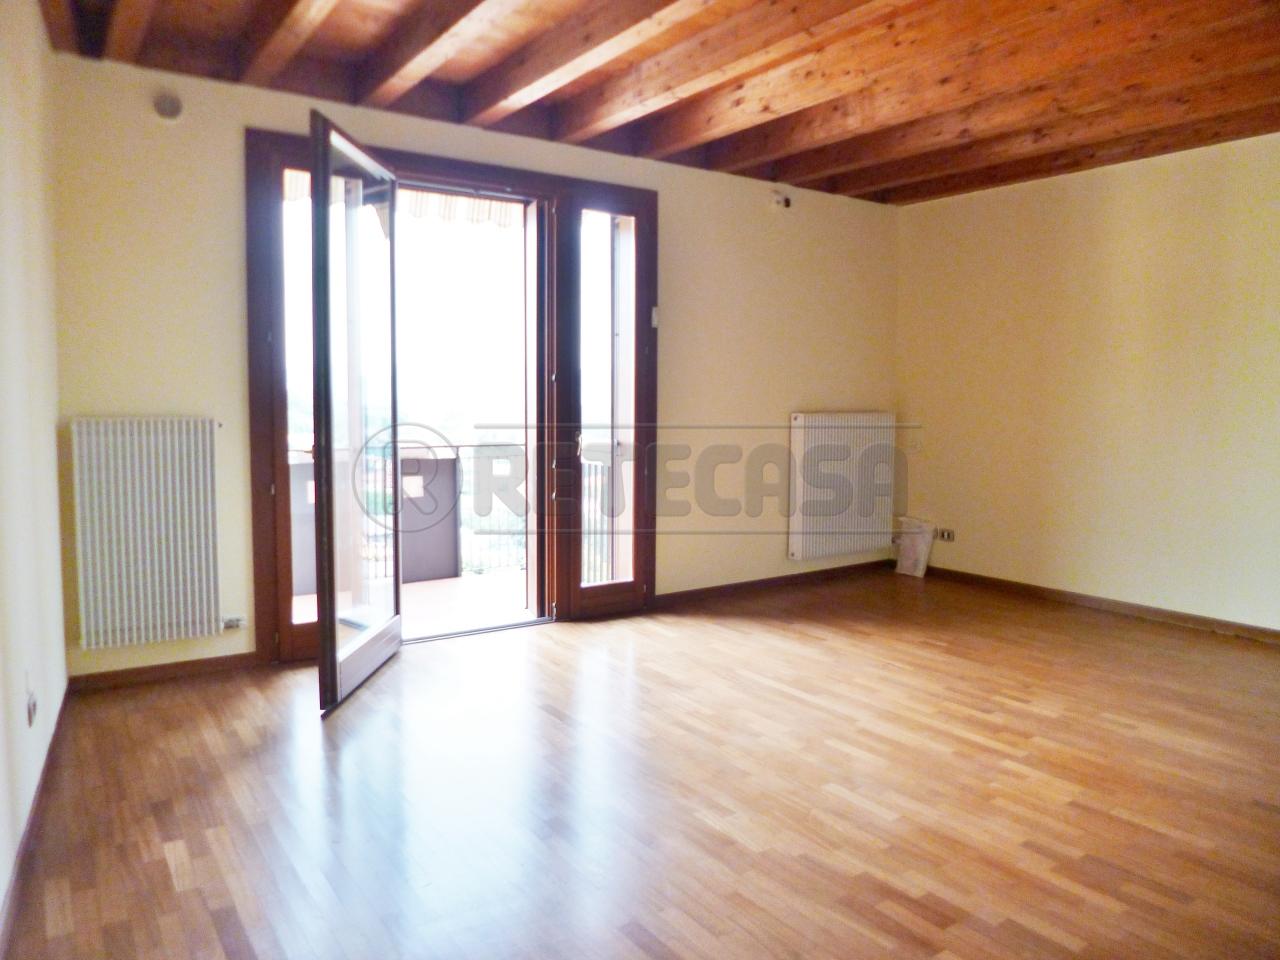 Appartamento in vendita a Montebello Vicentino, 5 locali, prezzo € 155.000 | PortaleAgenzieImmobiliari.it